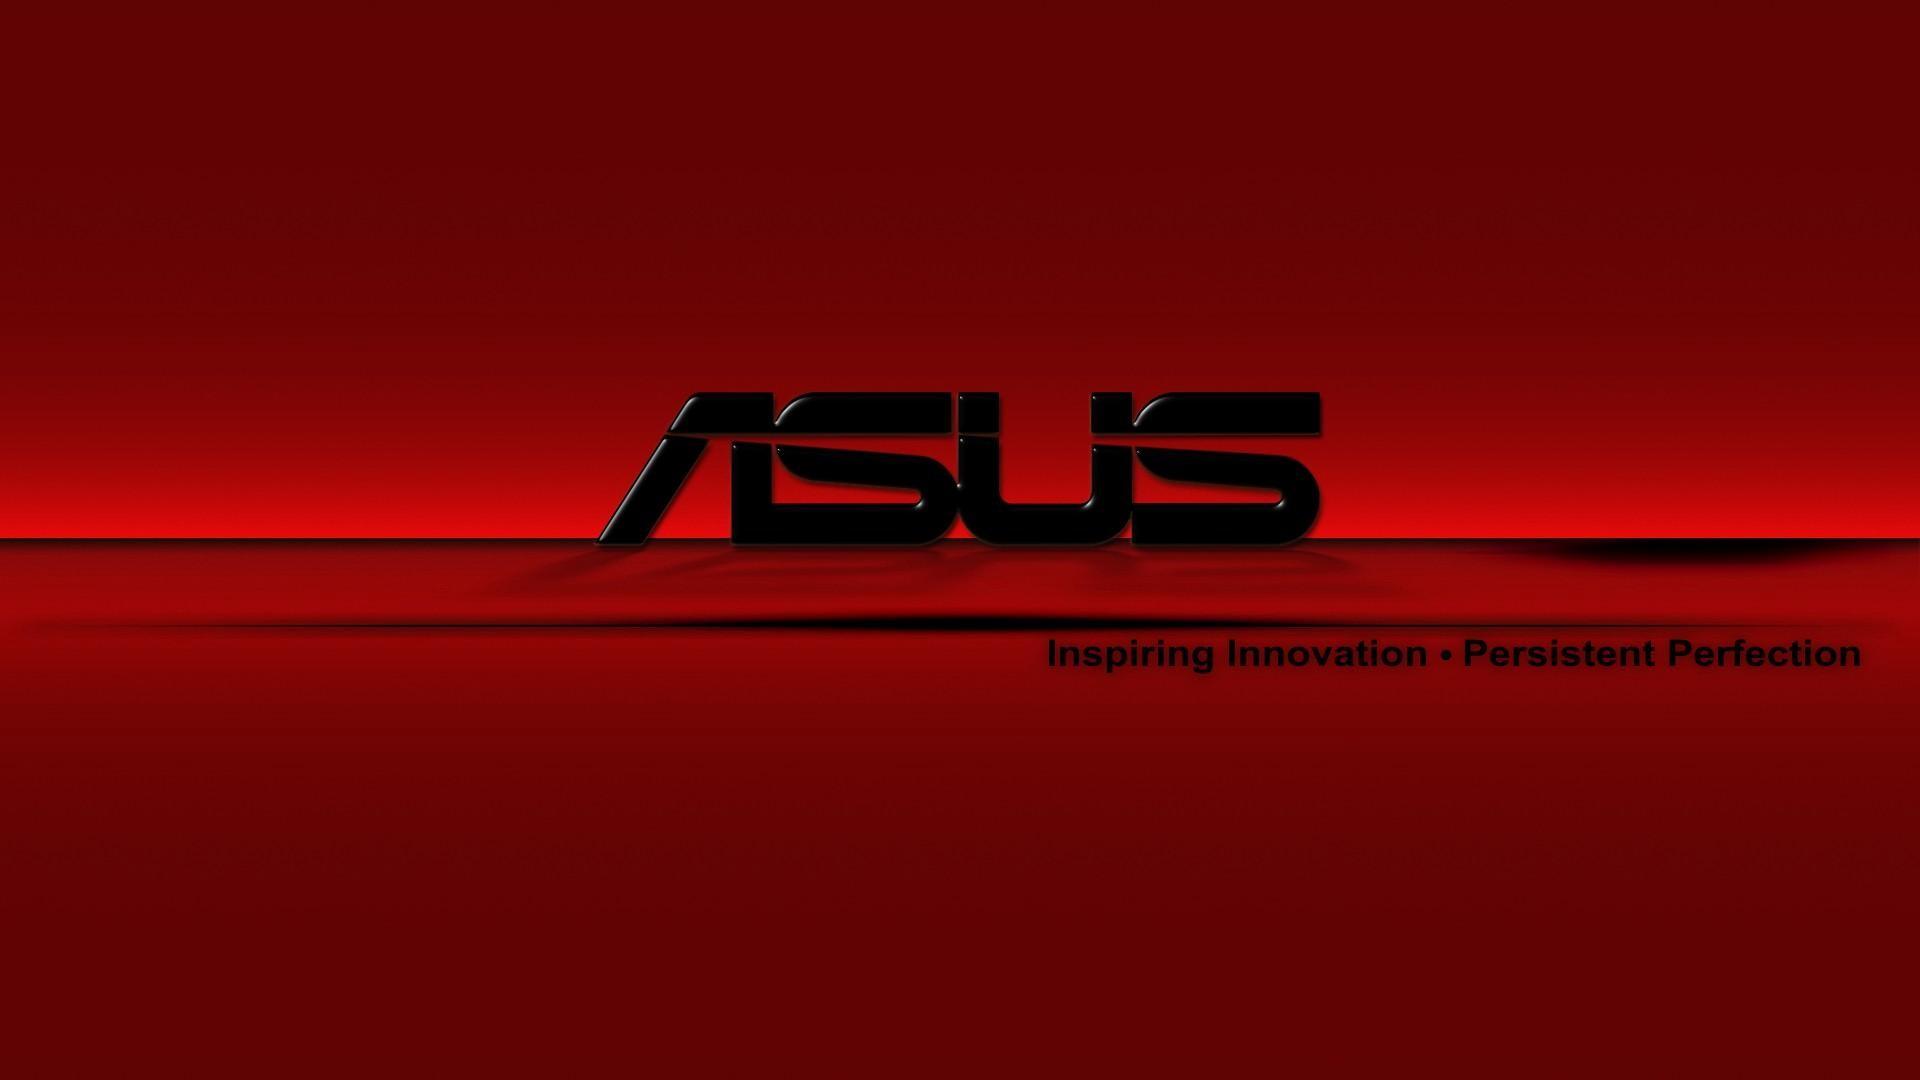 Asus-Logo-Wallpapers-Free-Download